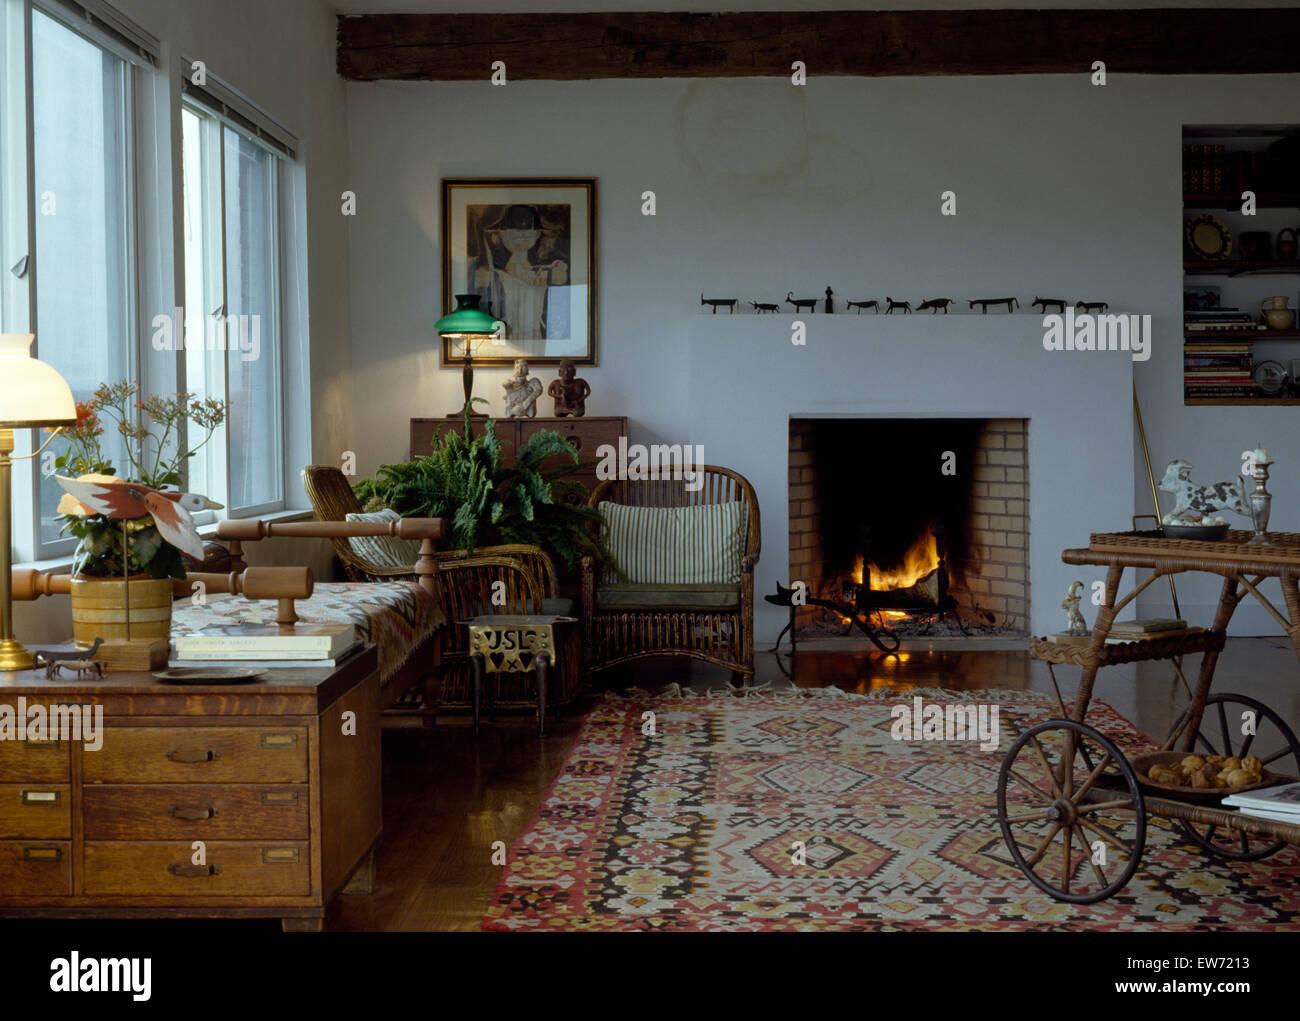 Kelim teppich und alte kiefer truhe im land wohnzimmer mit brennenden feuer im kamin stockfoto - Truhe wohnzimmer ...